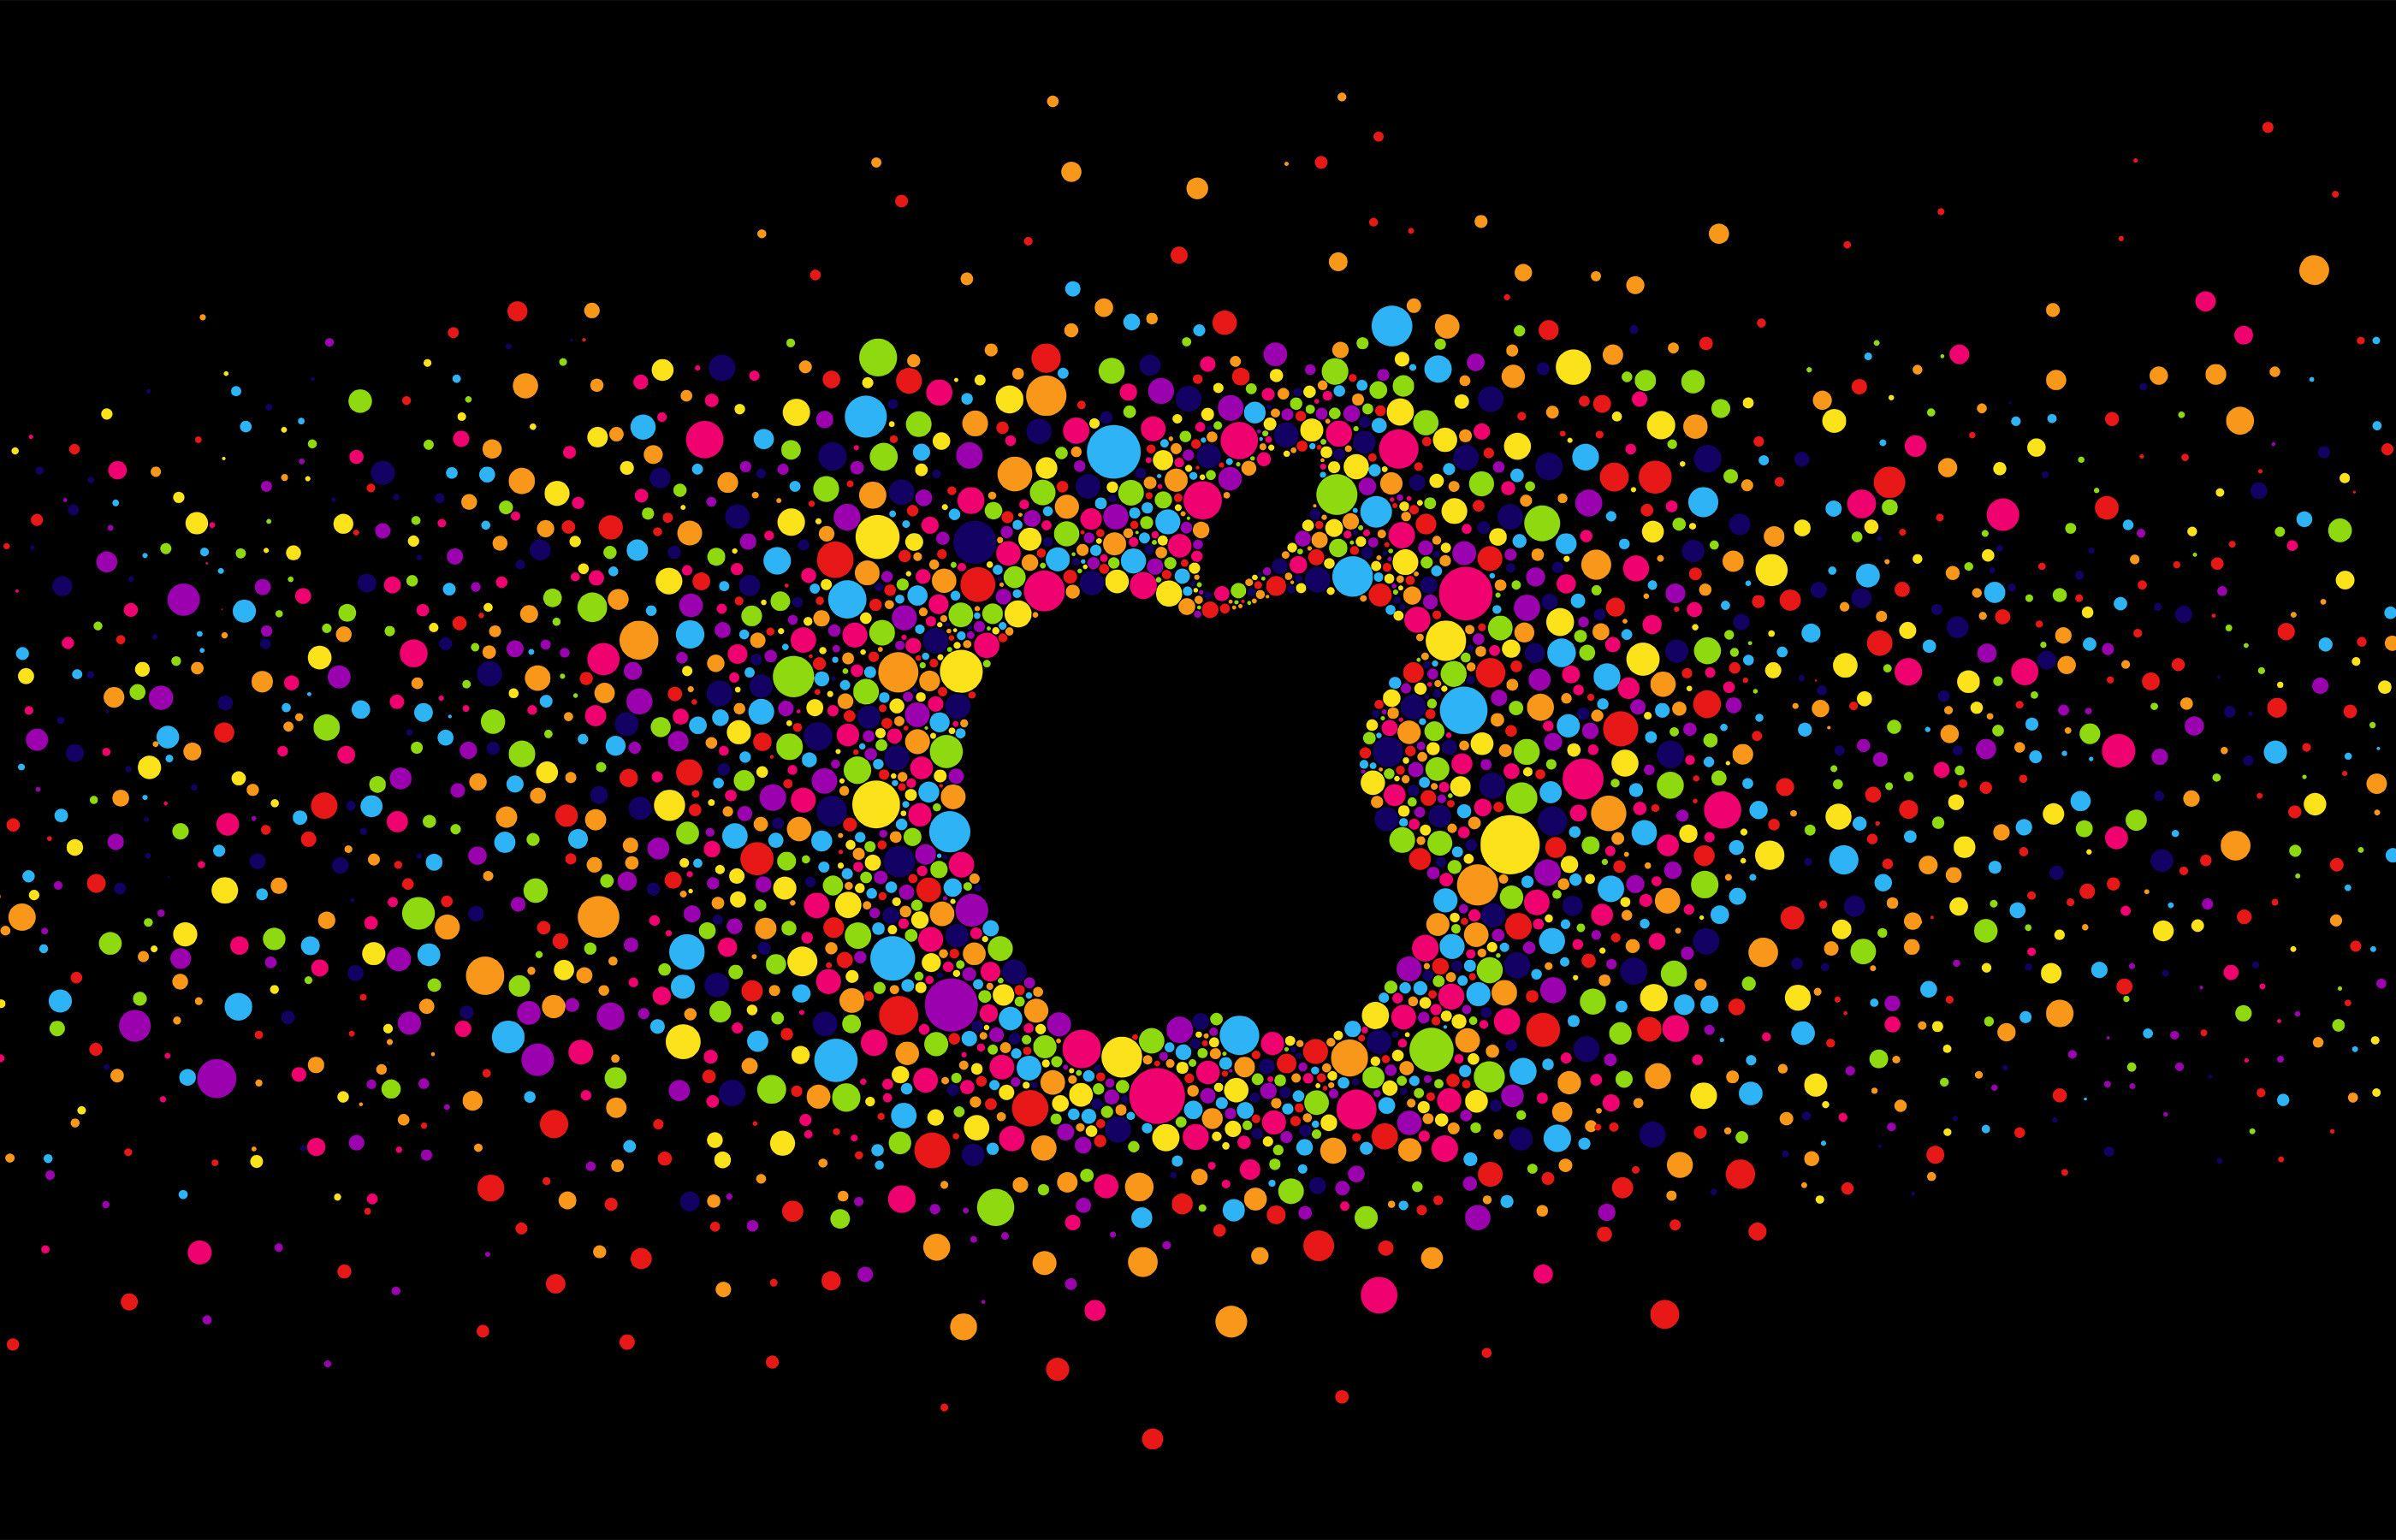 Sfondo per apple